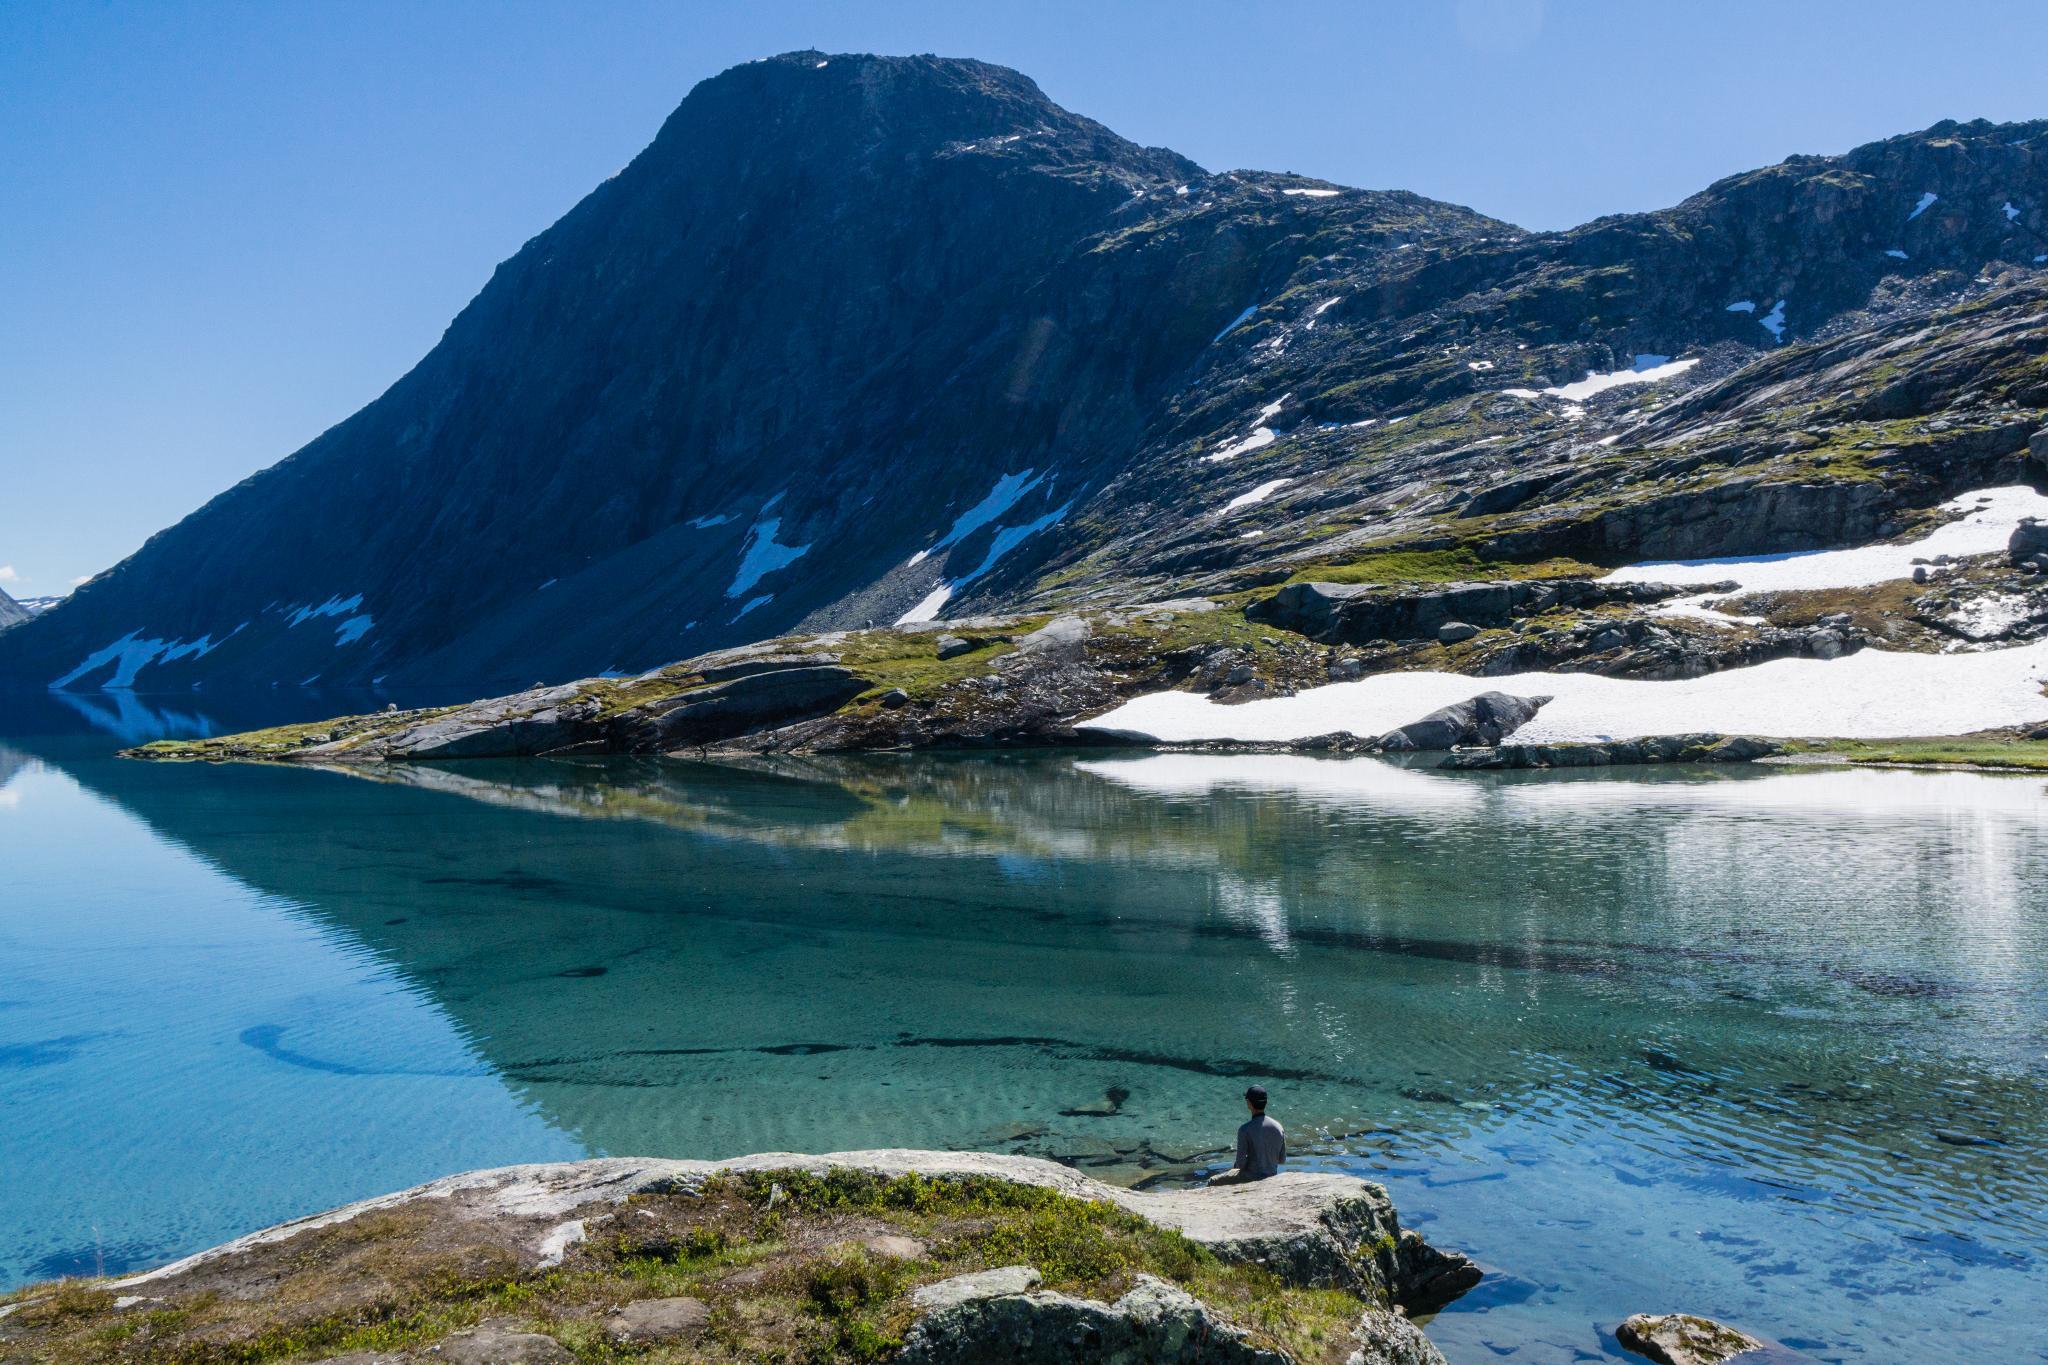 【北歐景點】歐洲最震撼的峽灣觀景台 — Dalsnibba Mountain Plateau 8